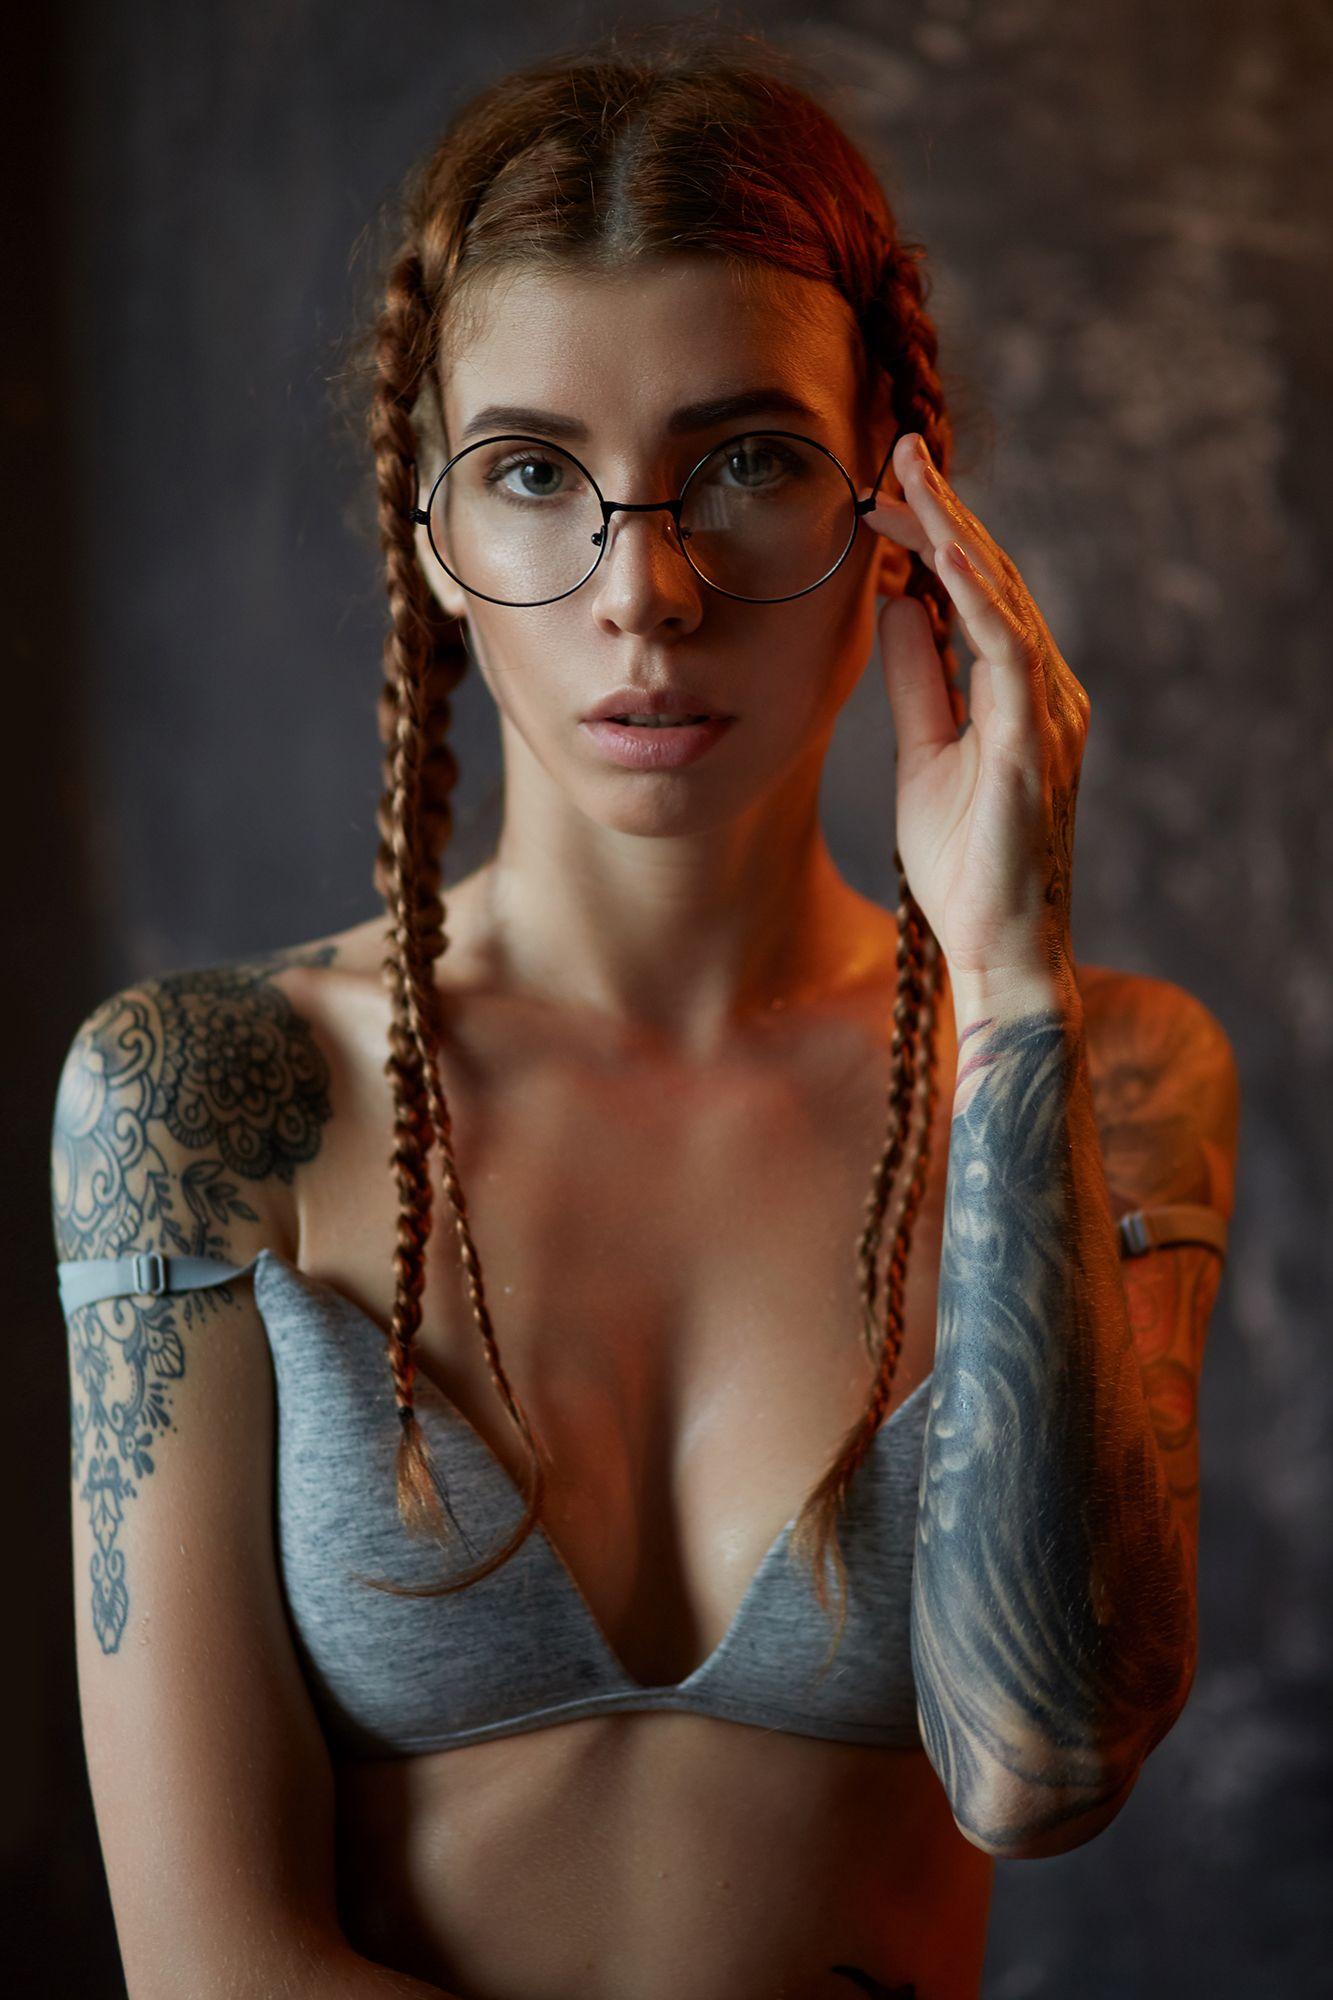 Дмитрий лобанов фотограф работа девушкам в видеочатах